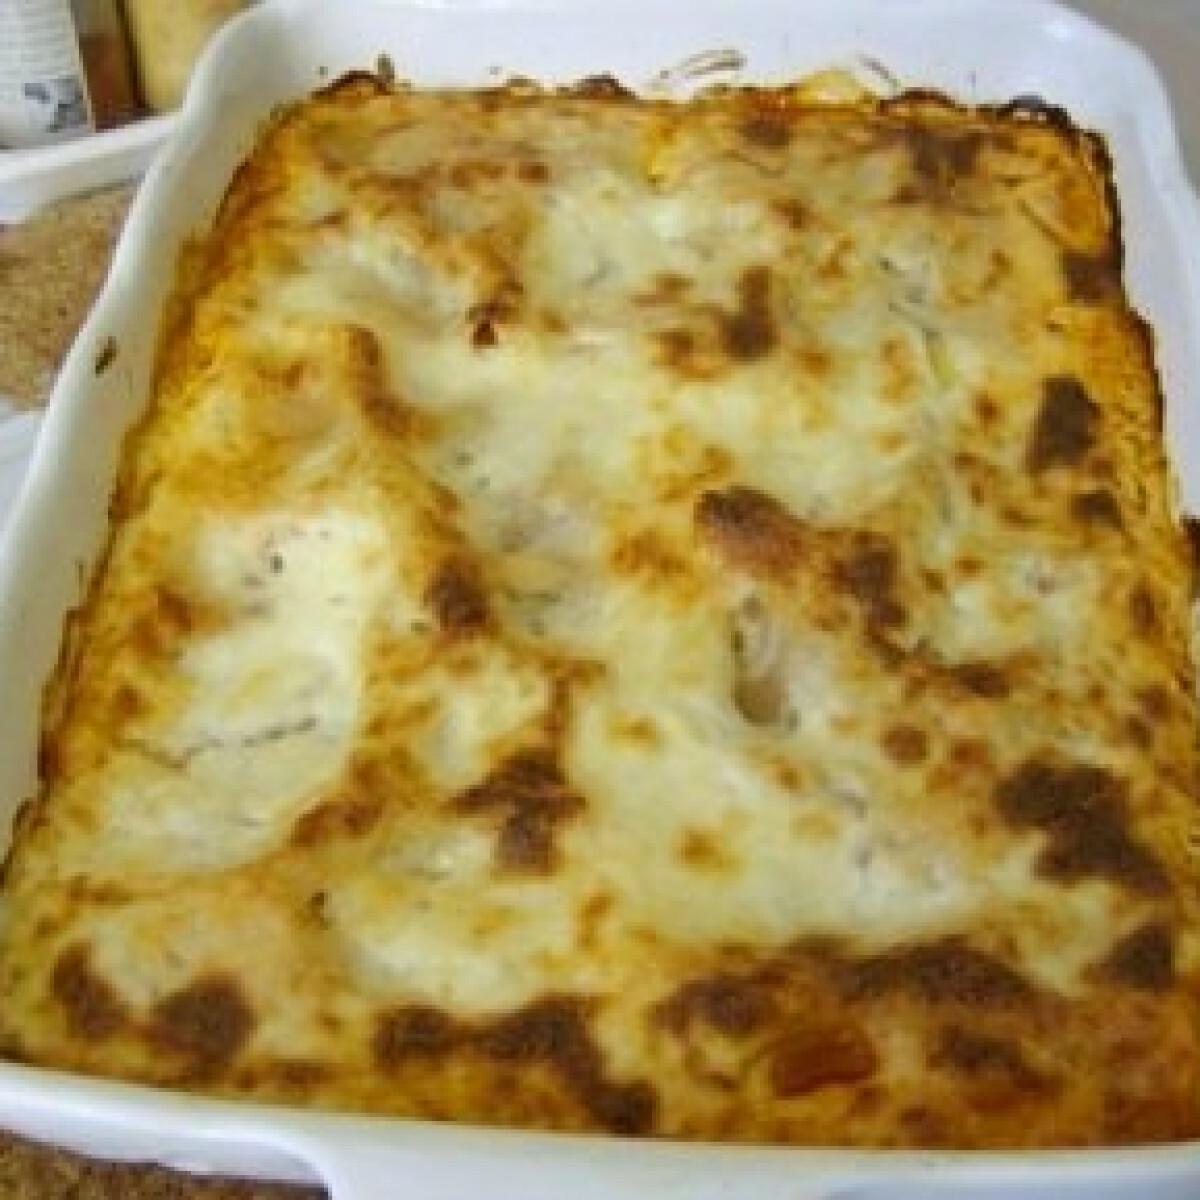 Ezen a képen: Lasagne 8. - besamell mártással